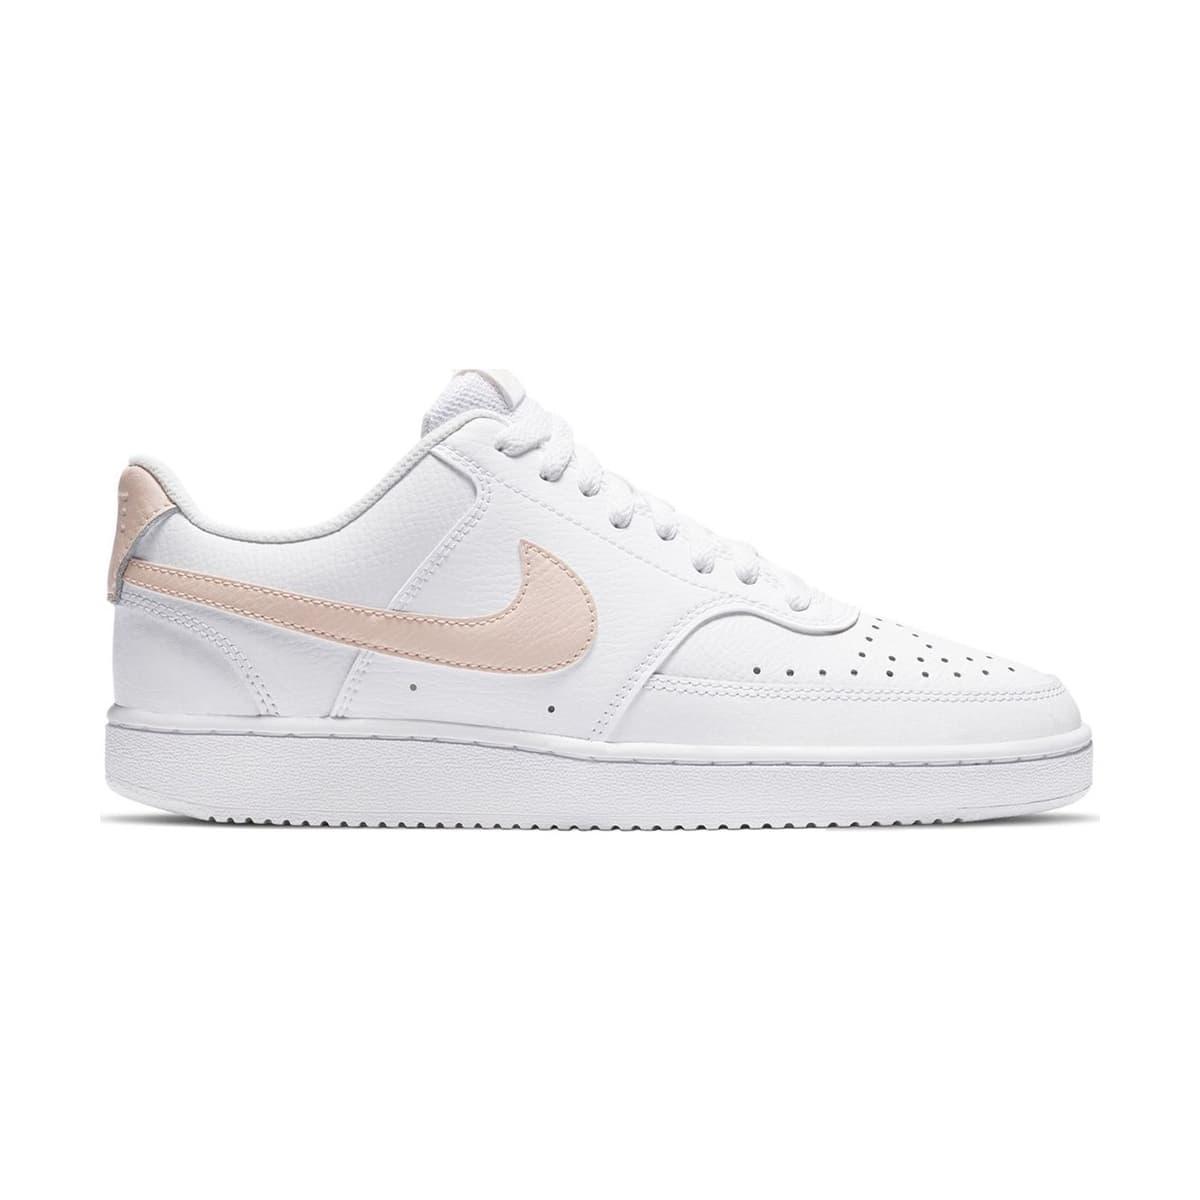 Court Vision Low Kadın Beyaz Spor Ayakkabı(CD5434-107)